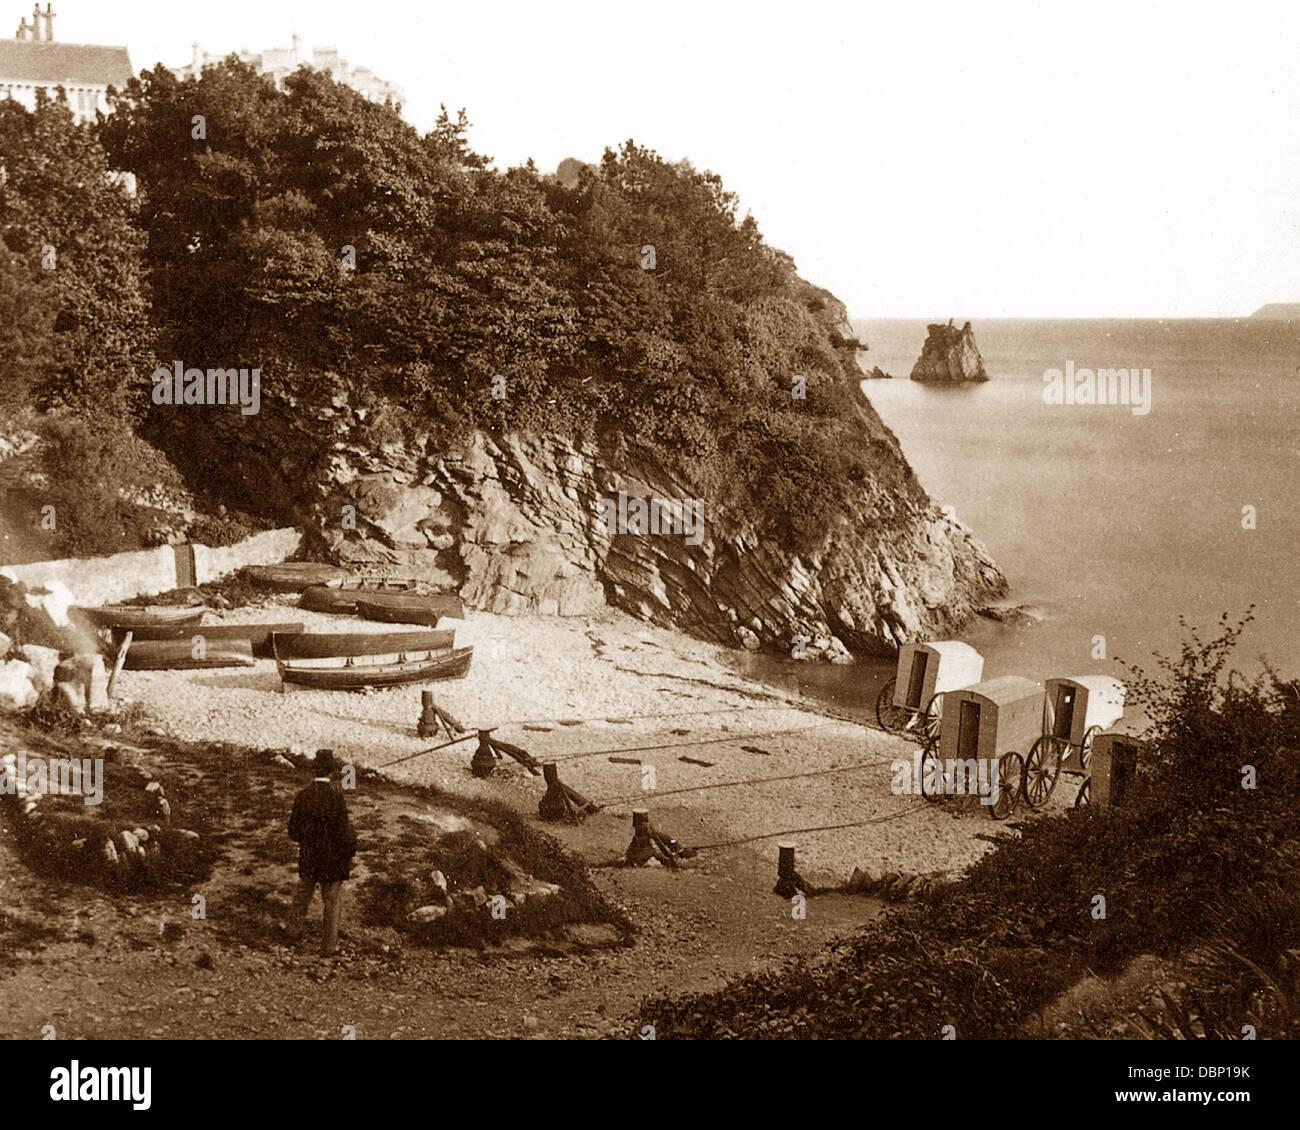 Torquay The Ladies' Bathing Cove 1860s - Stock Image